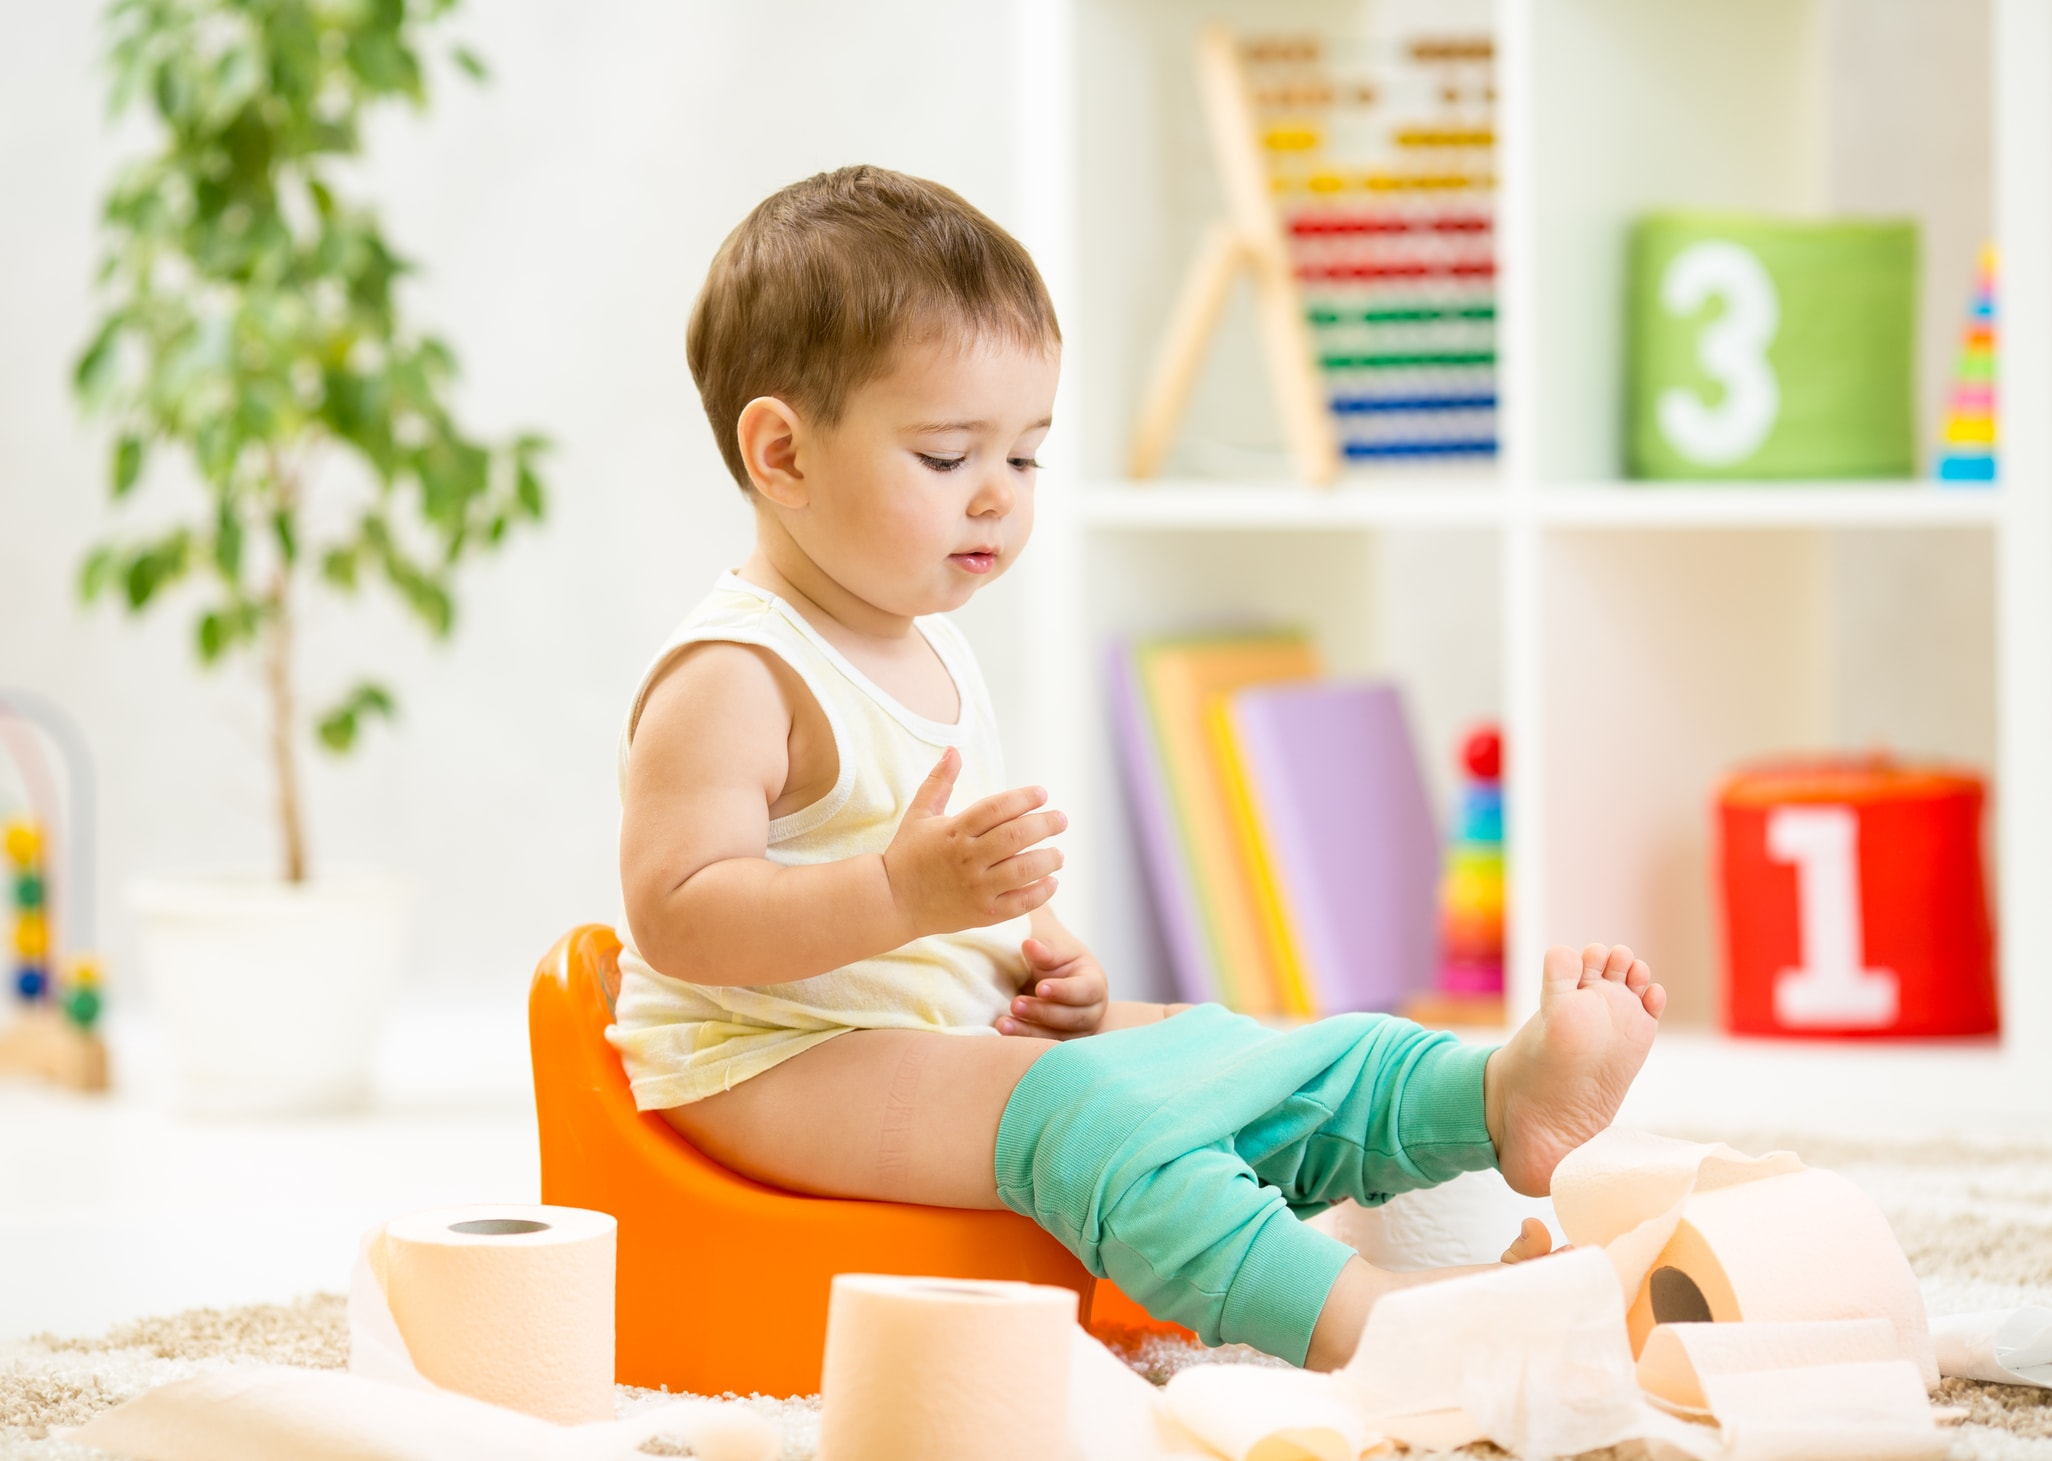 Как приучить и с какого возраста ребенка к горшку. Есть ли разница в приучении мальчика и девочки